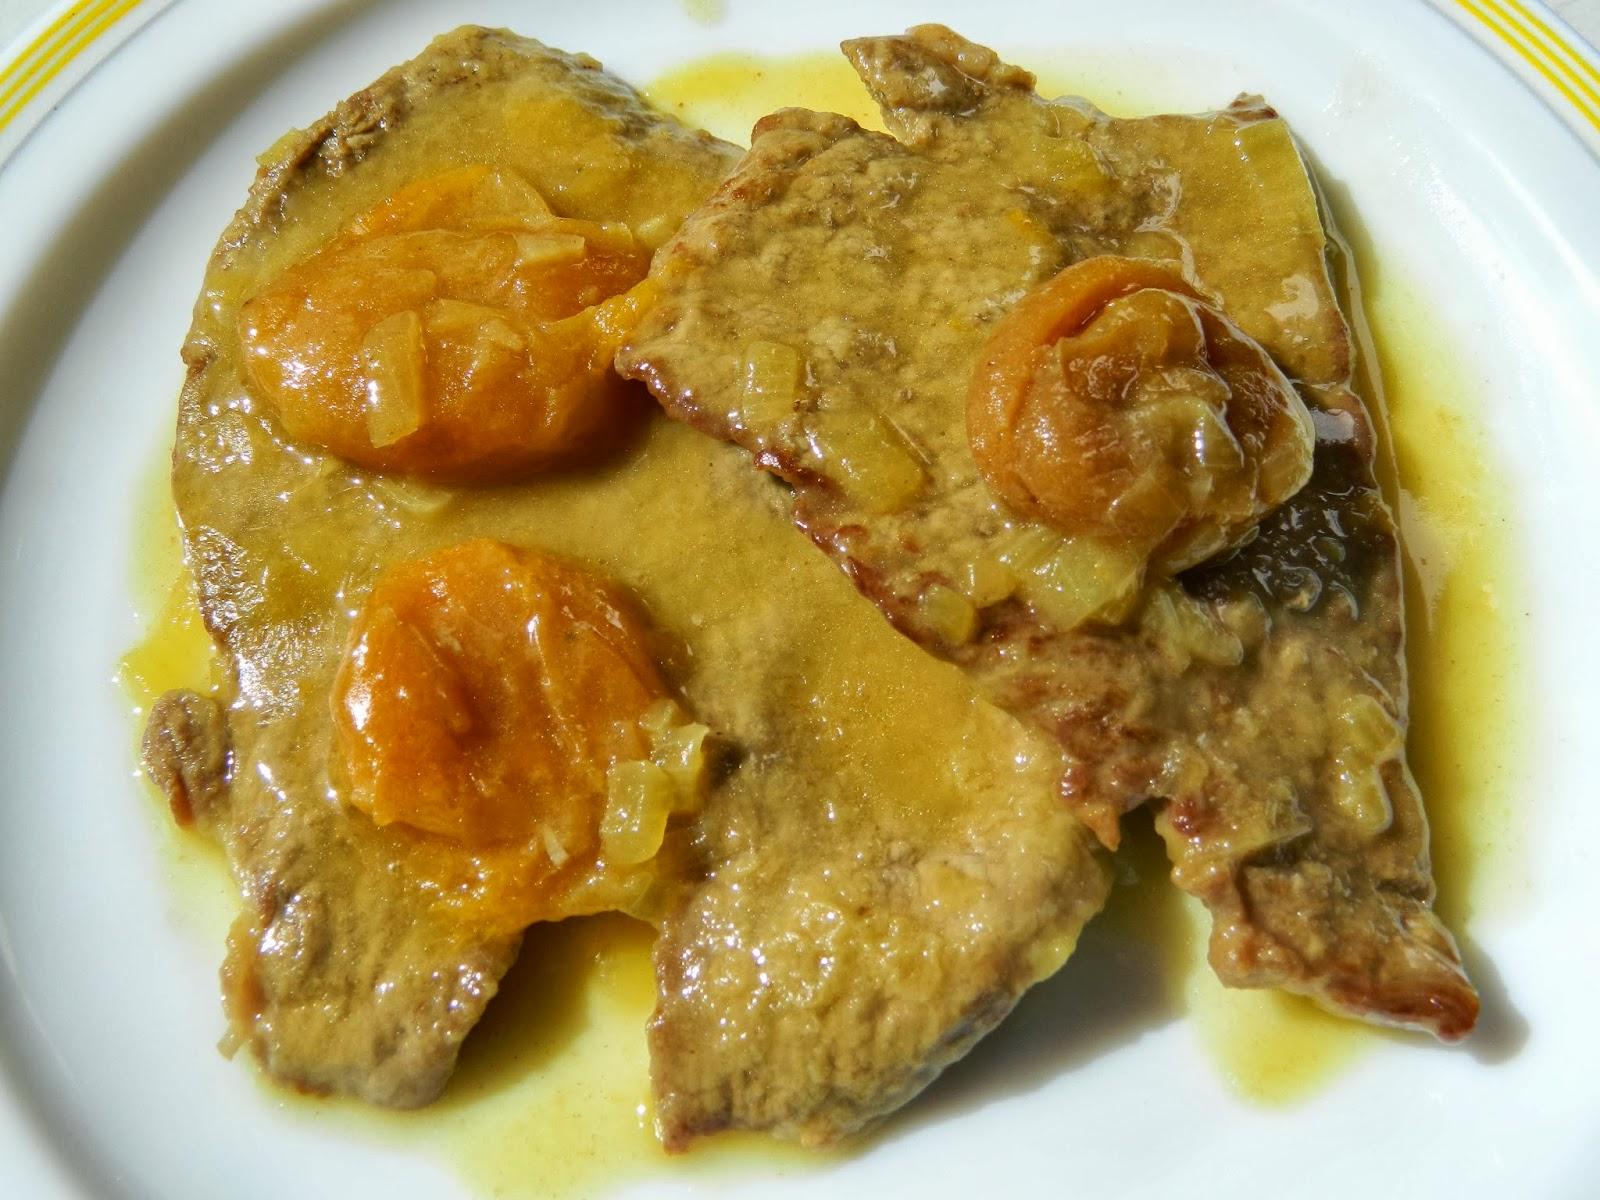 Al gusto de todos filetes de ternera en salsa - Filetes de ternera en salsa de cebolla ...